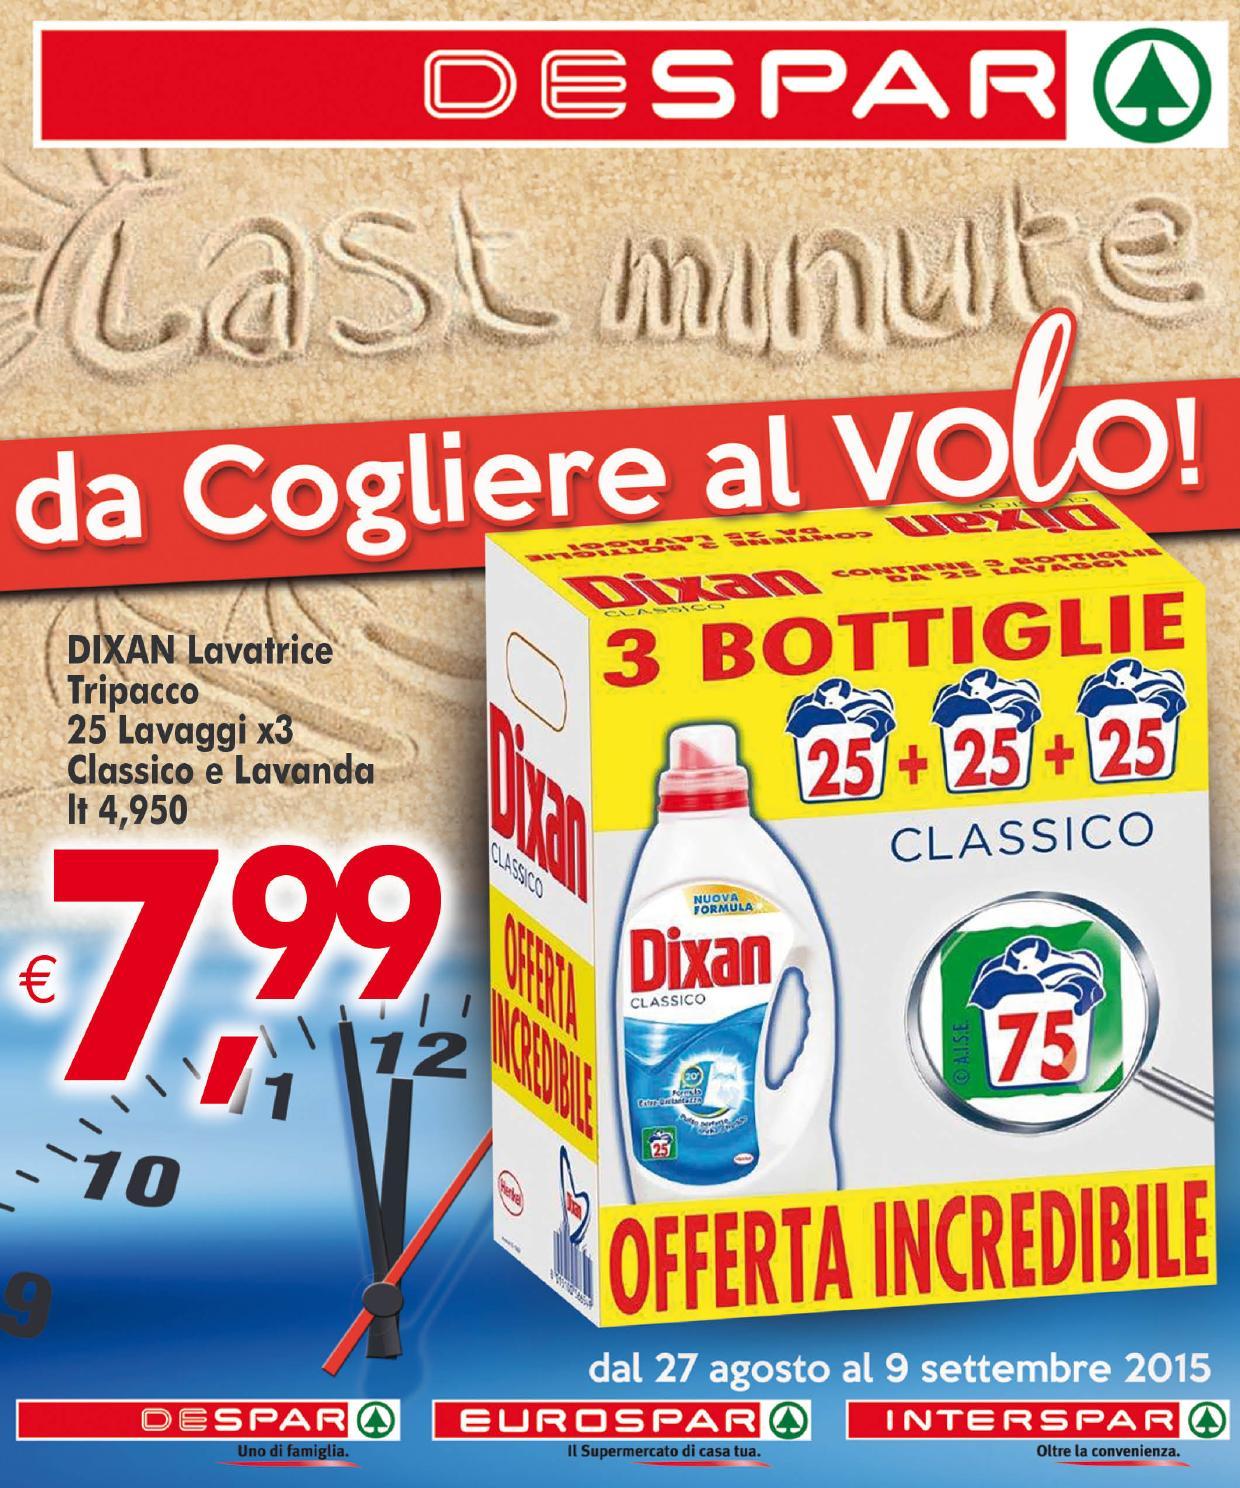 Volantino despar 27 agosto 9 settembre 2015 by despar for Bernava volantino messina